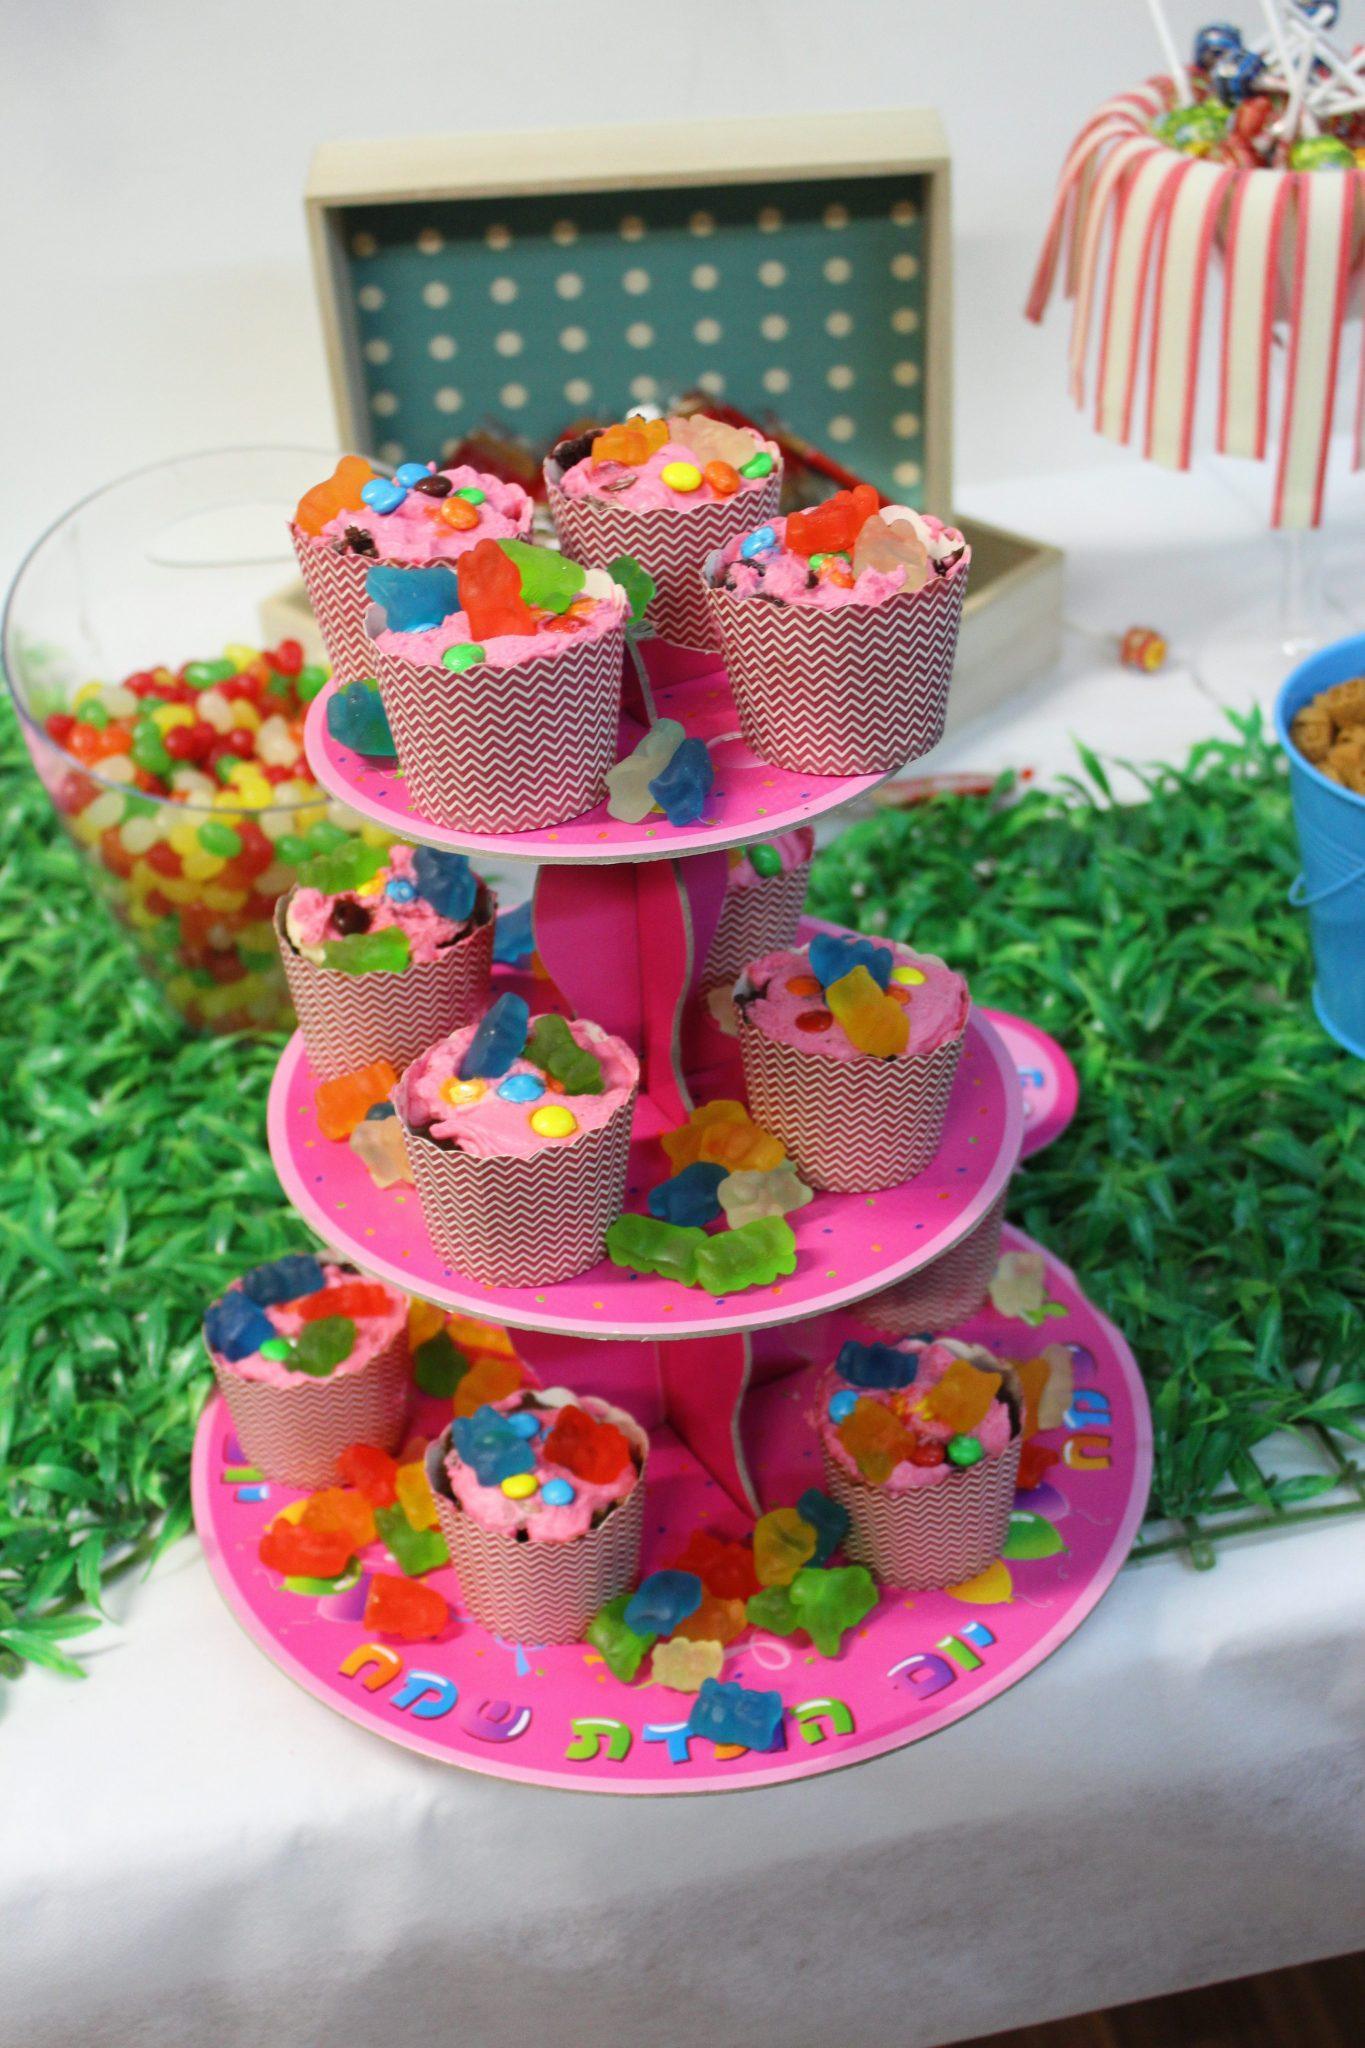 אפילו הממתקים מתרגשים לקראת חגיגות יום ההולדת שעומדות להתחיל במתחם חדרי הבריחה שלנו בהרצליה